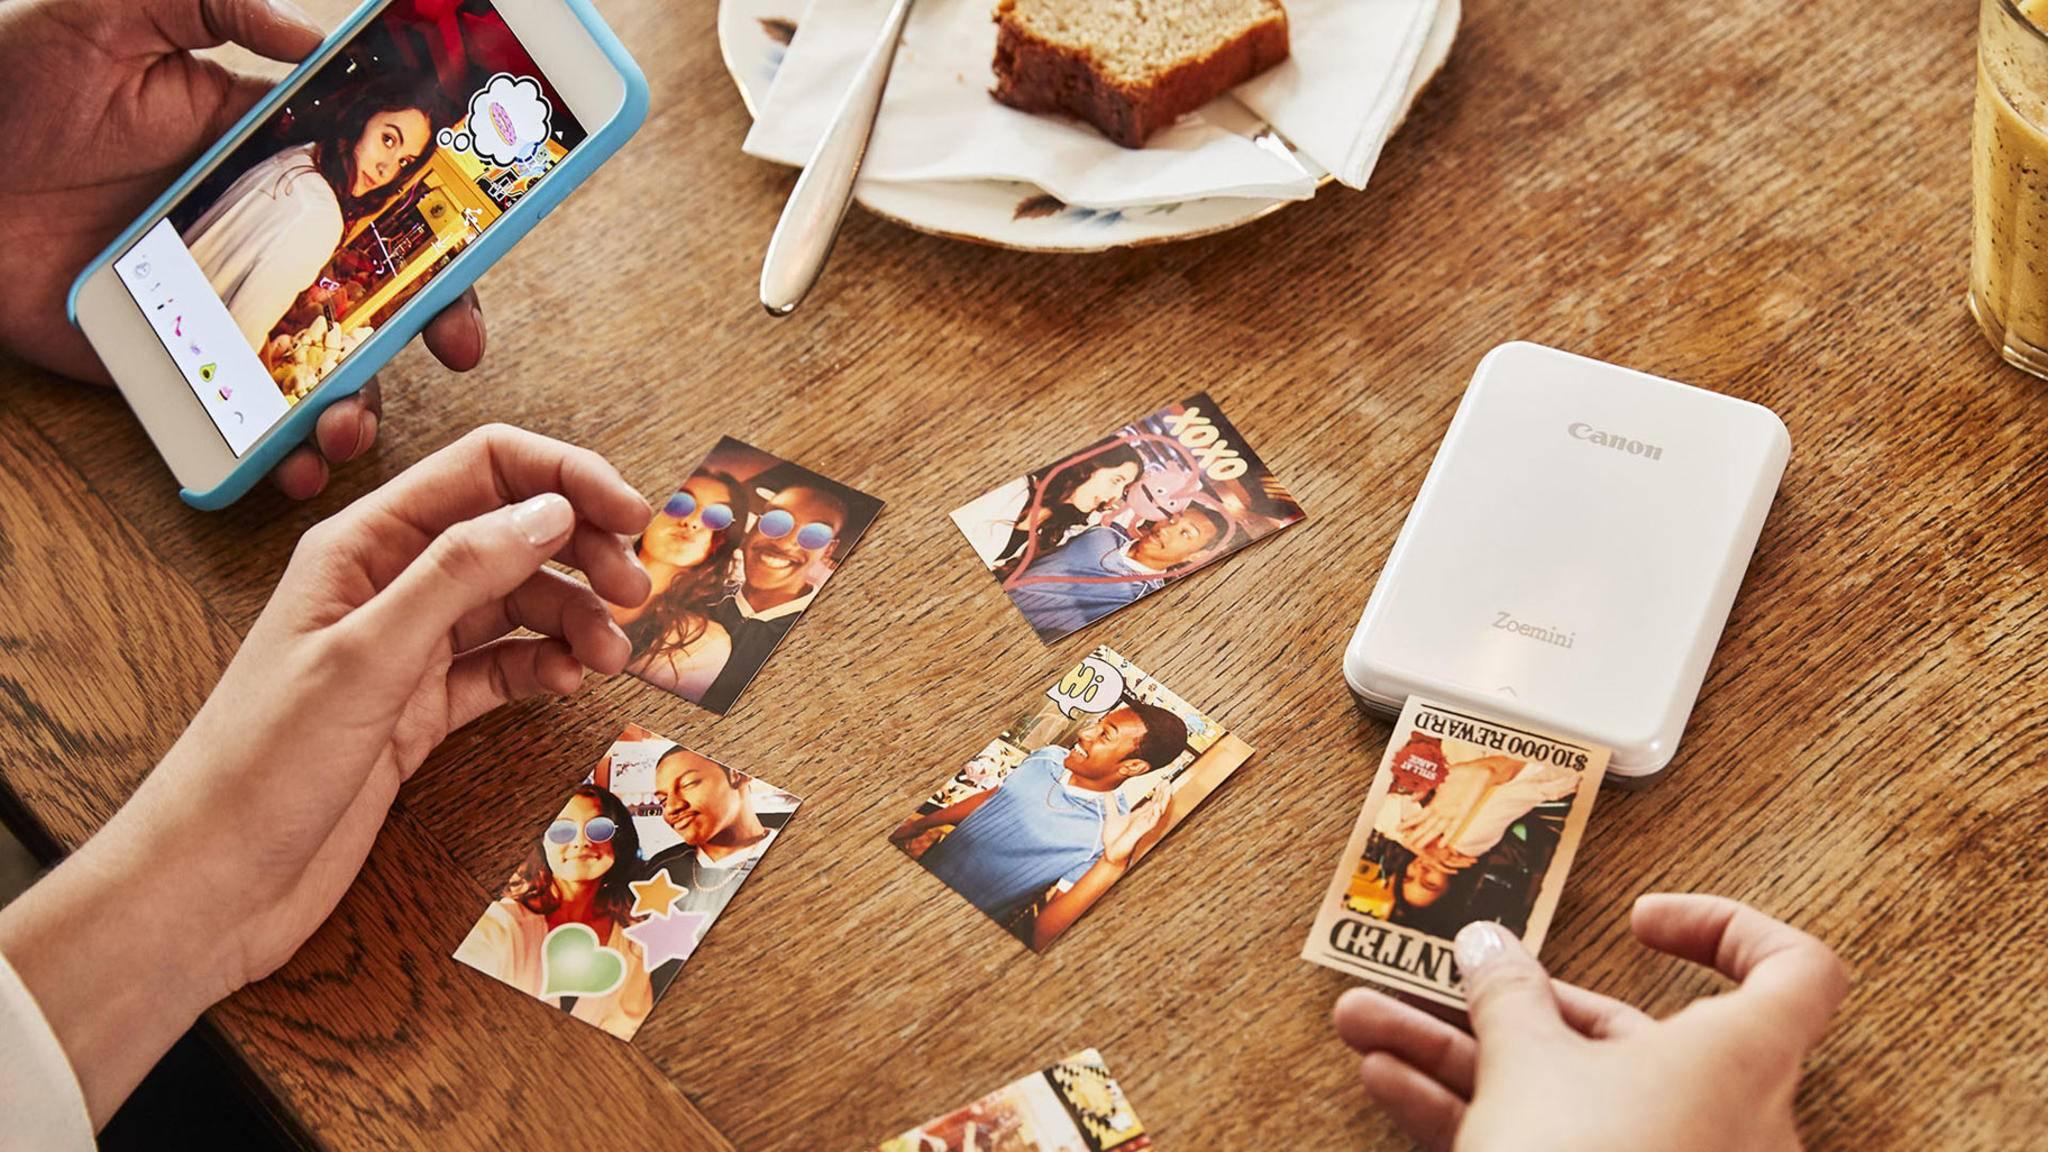 Mit kompakten Fotodruckern kannst Du Deine Bilder schnell und zuverlässig selbst drucken.